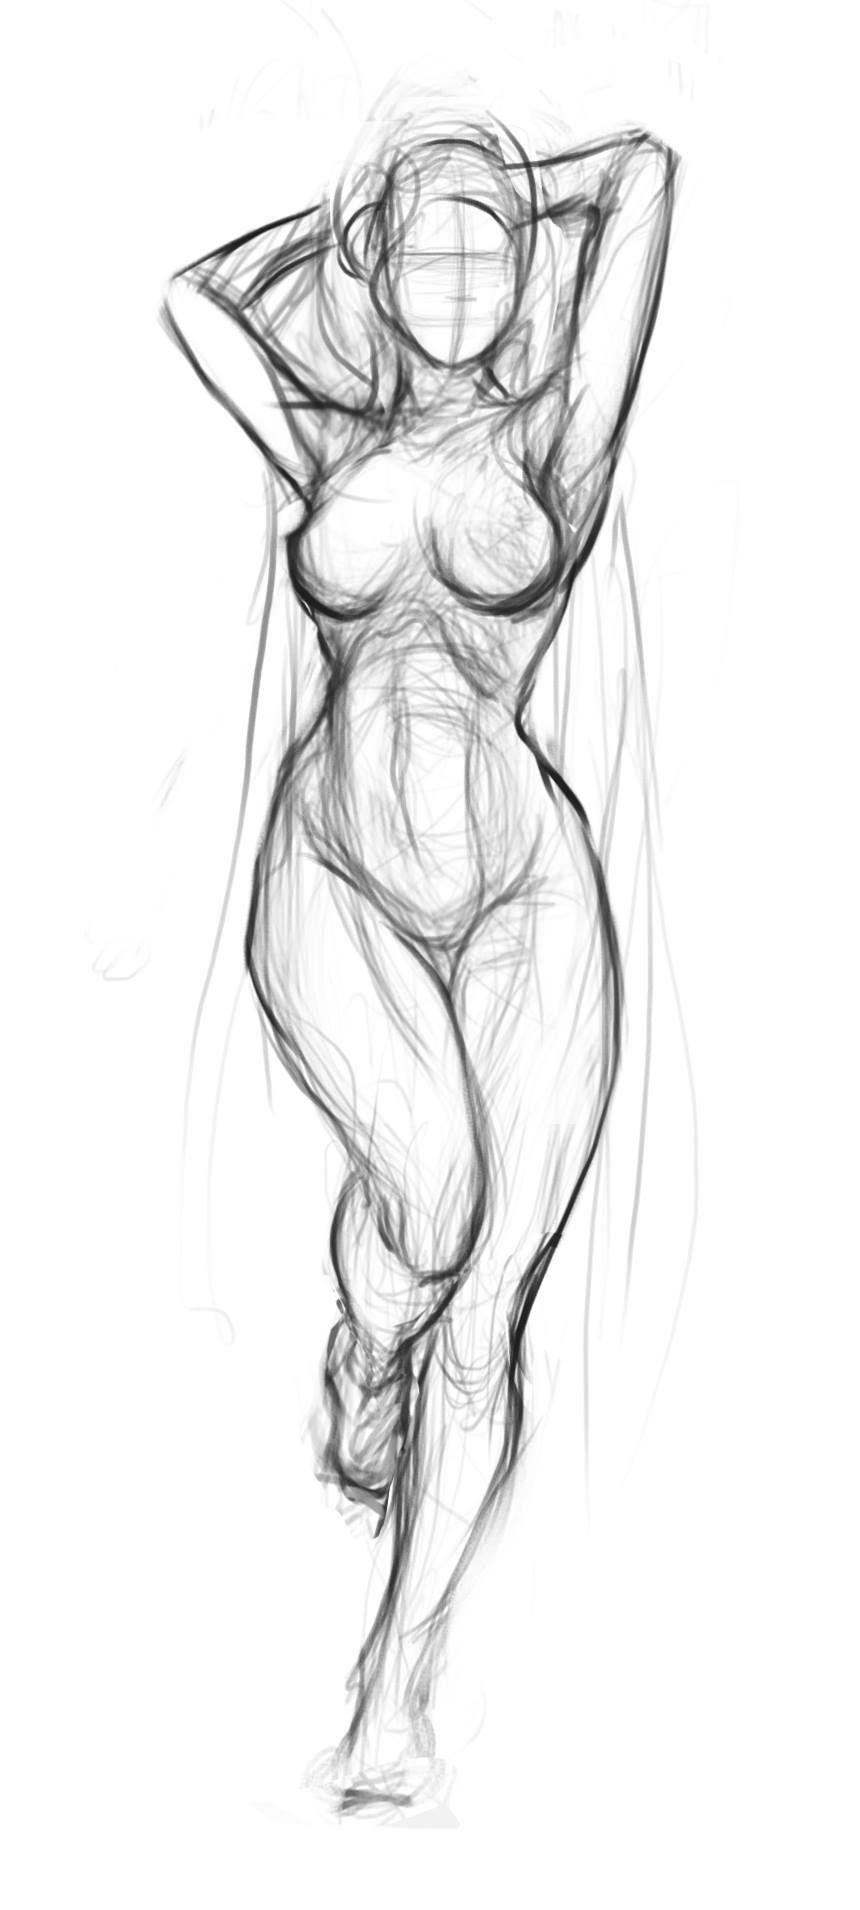 Pin de mariela en figuras humanas | Pinterest | Anatomía, Dibujo y ...